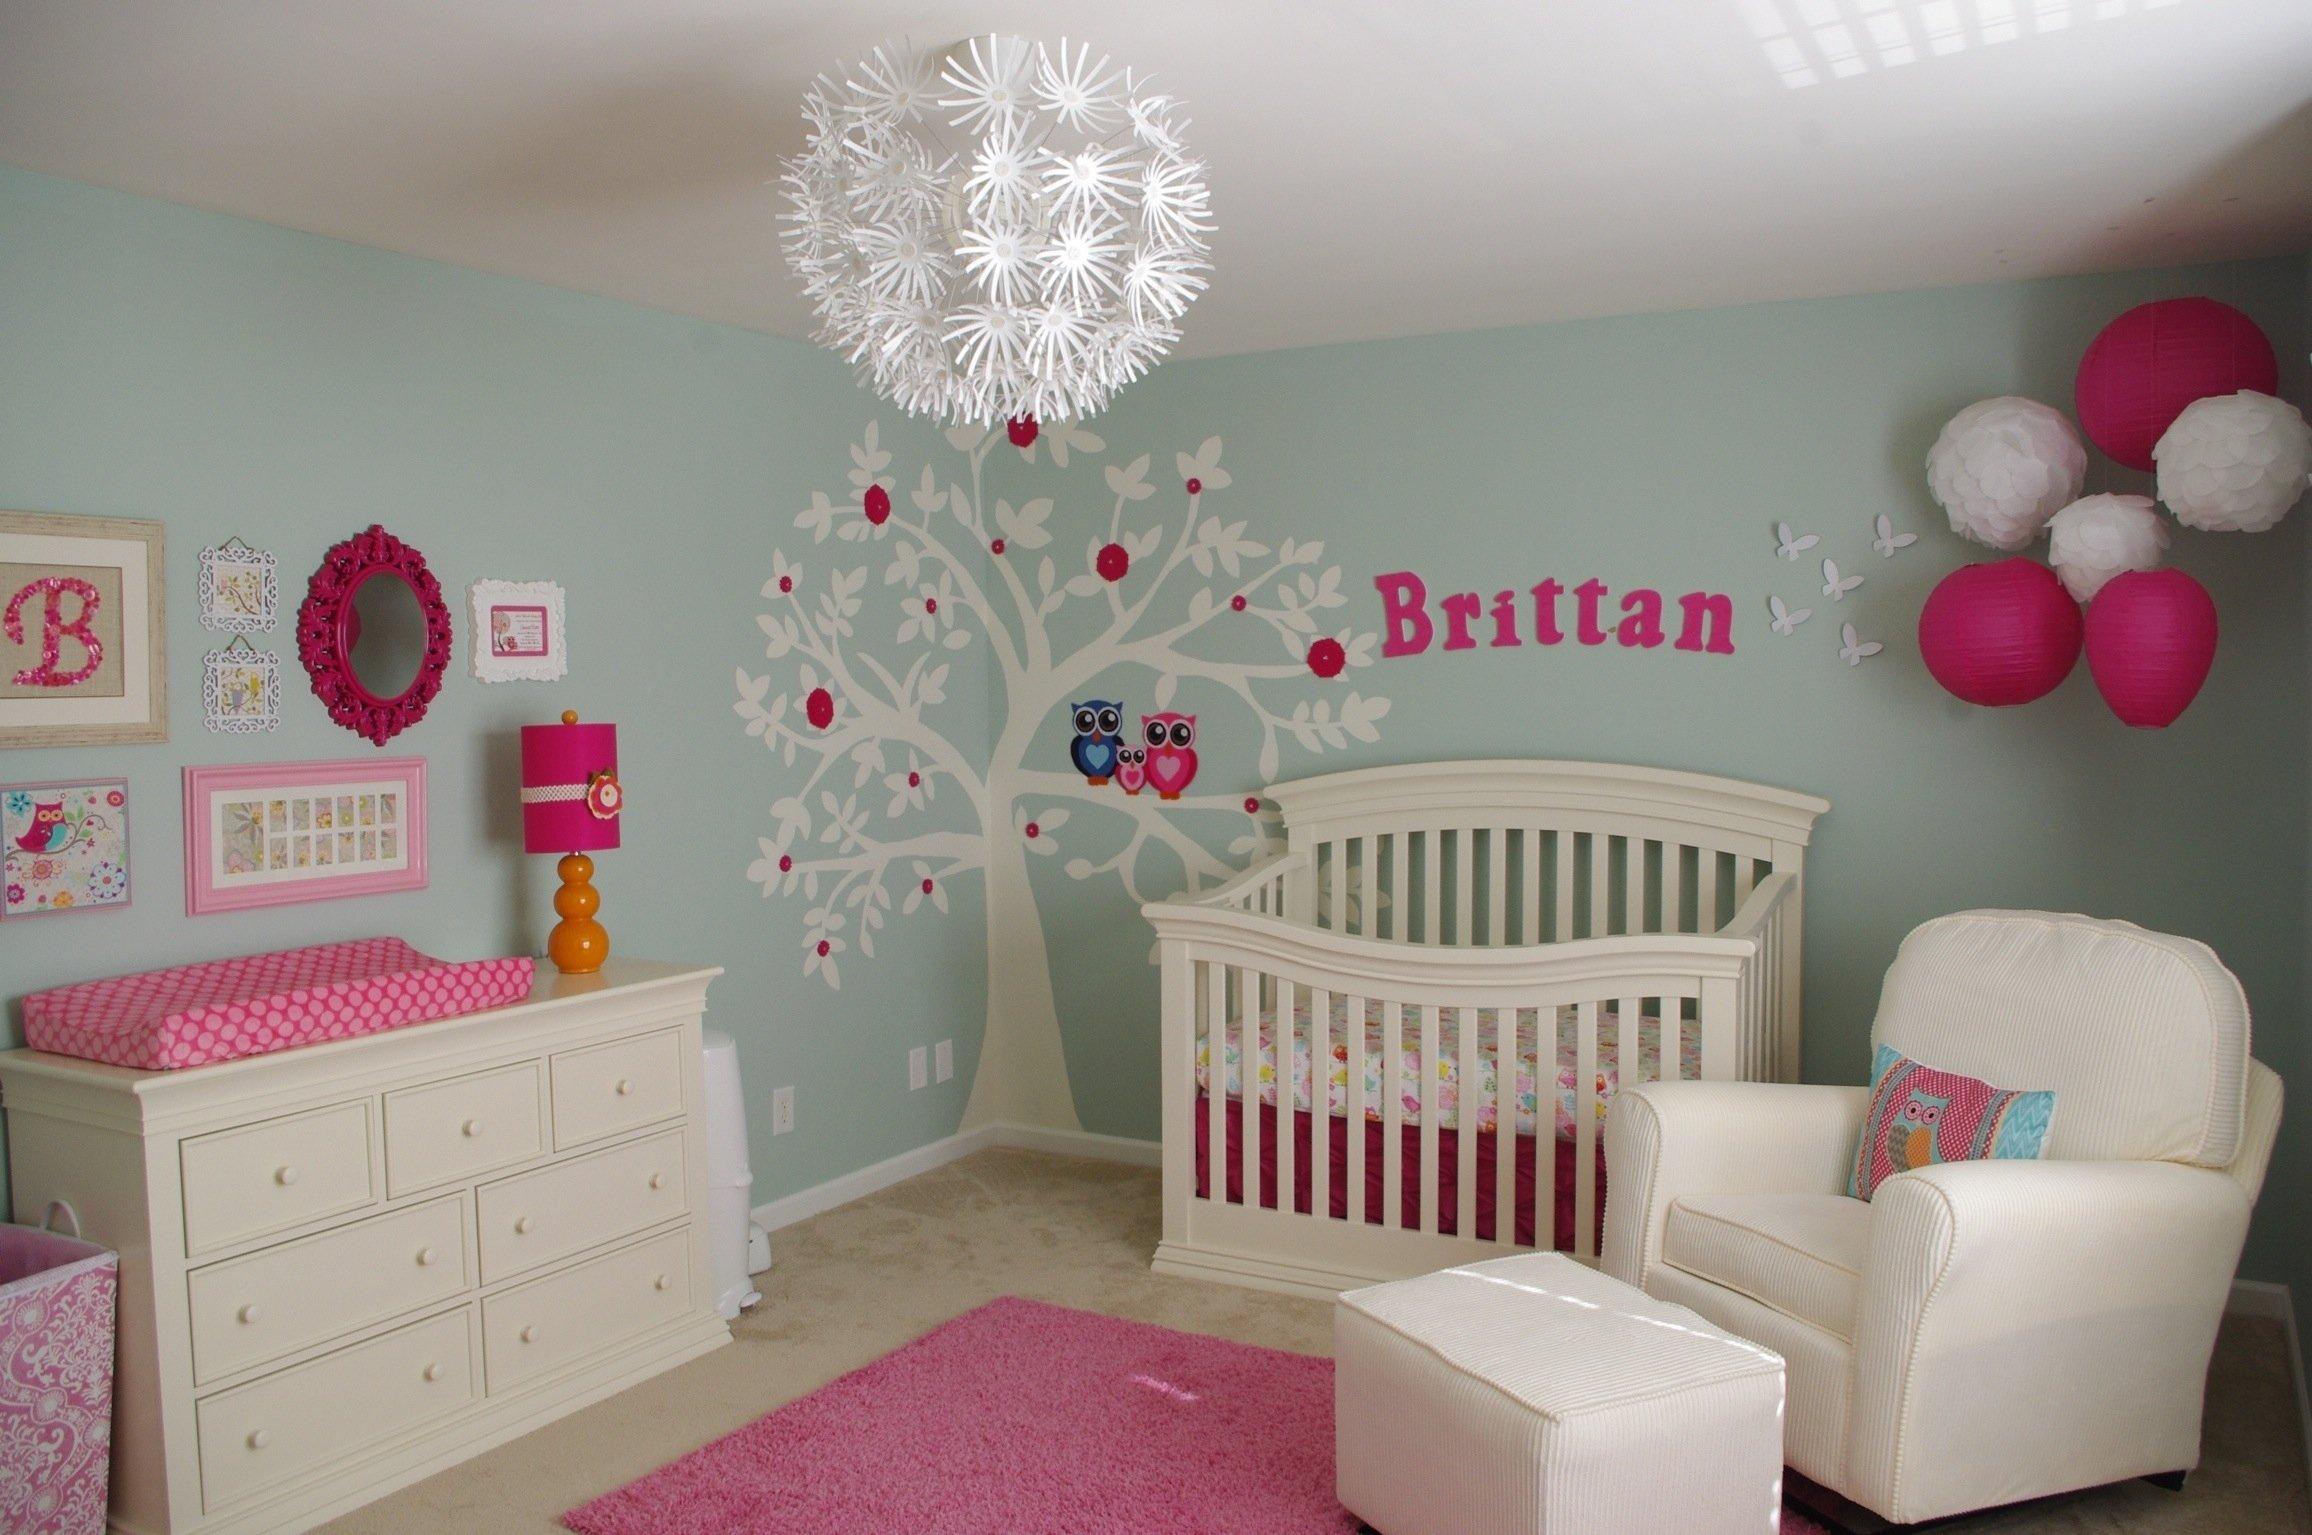 10 Stunning Pinterest Baby Girl Nursery Ideas home decor baby nursery decorate girl room ideas cute pinterest 1 2021